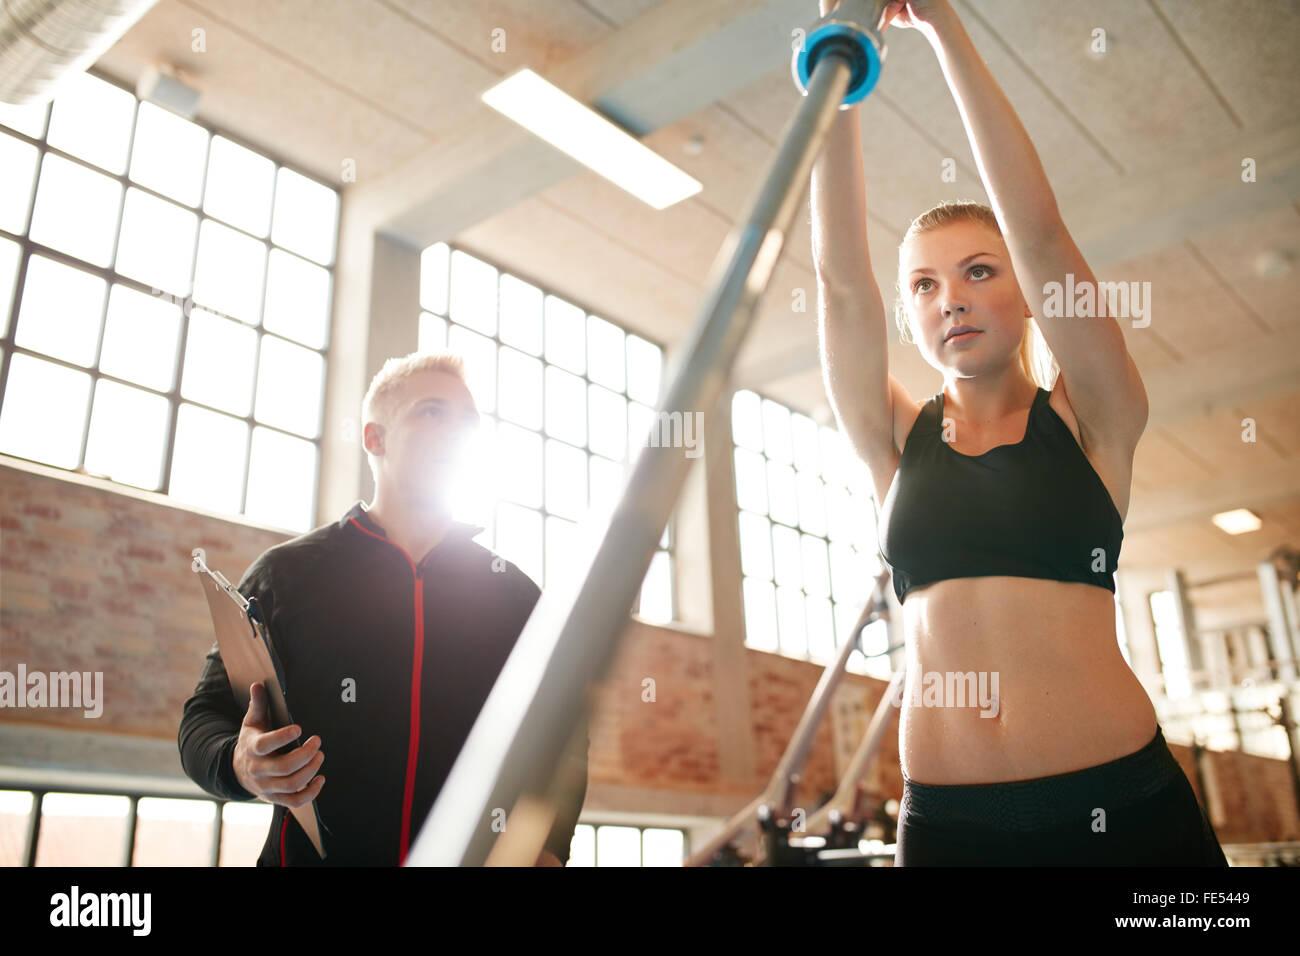 Weibchen mit ihrem persönlichen Trainer im Fitness-Studio trainieren. Junge Frau mit einer Langhantel in der Stockbild